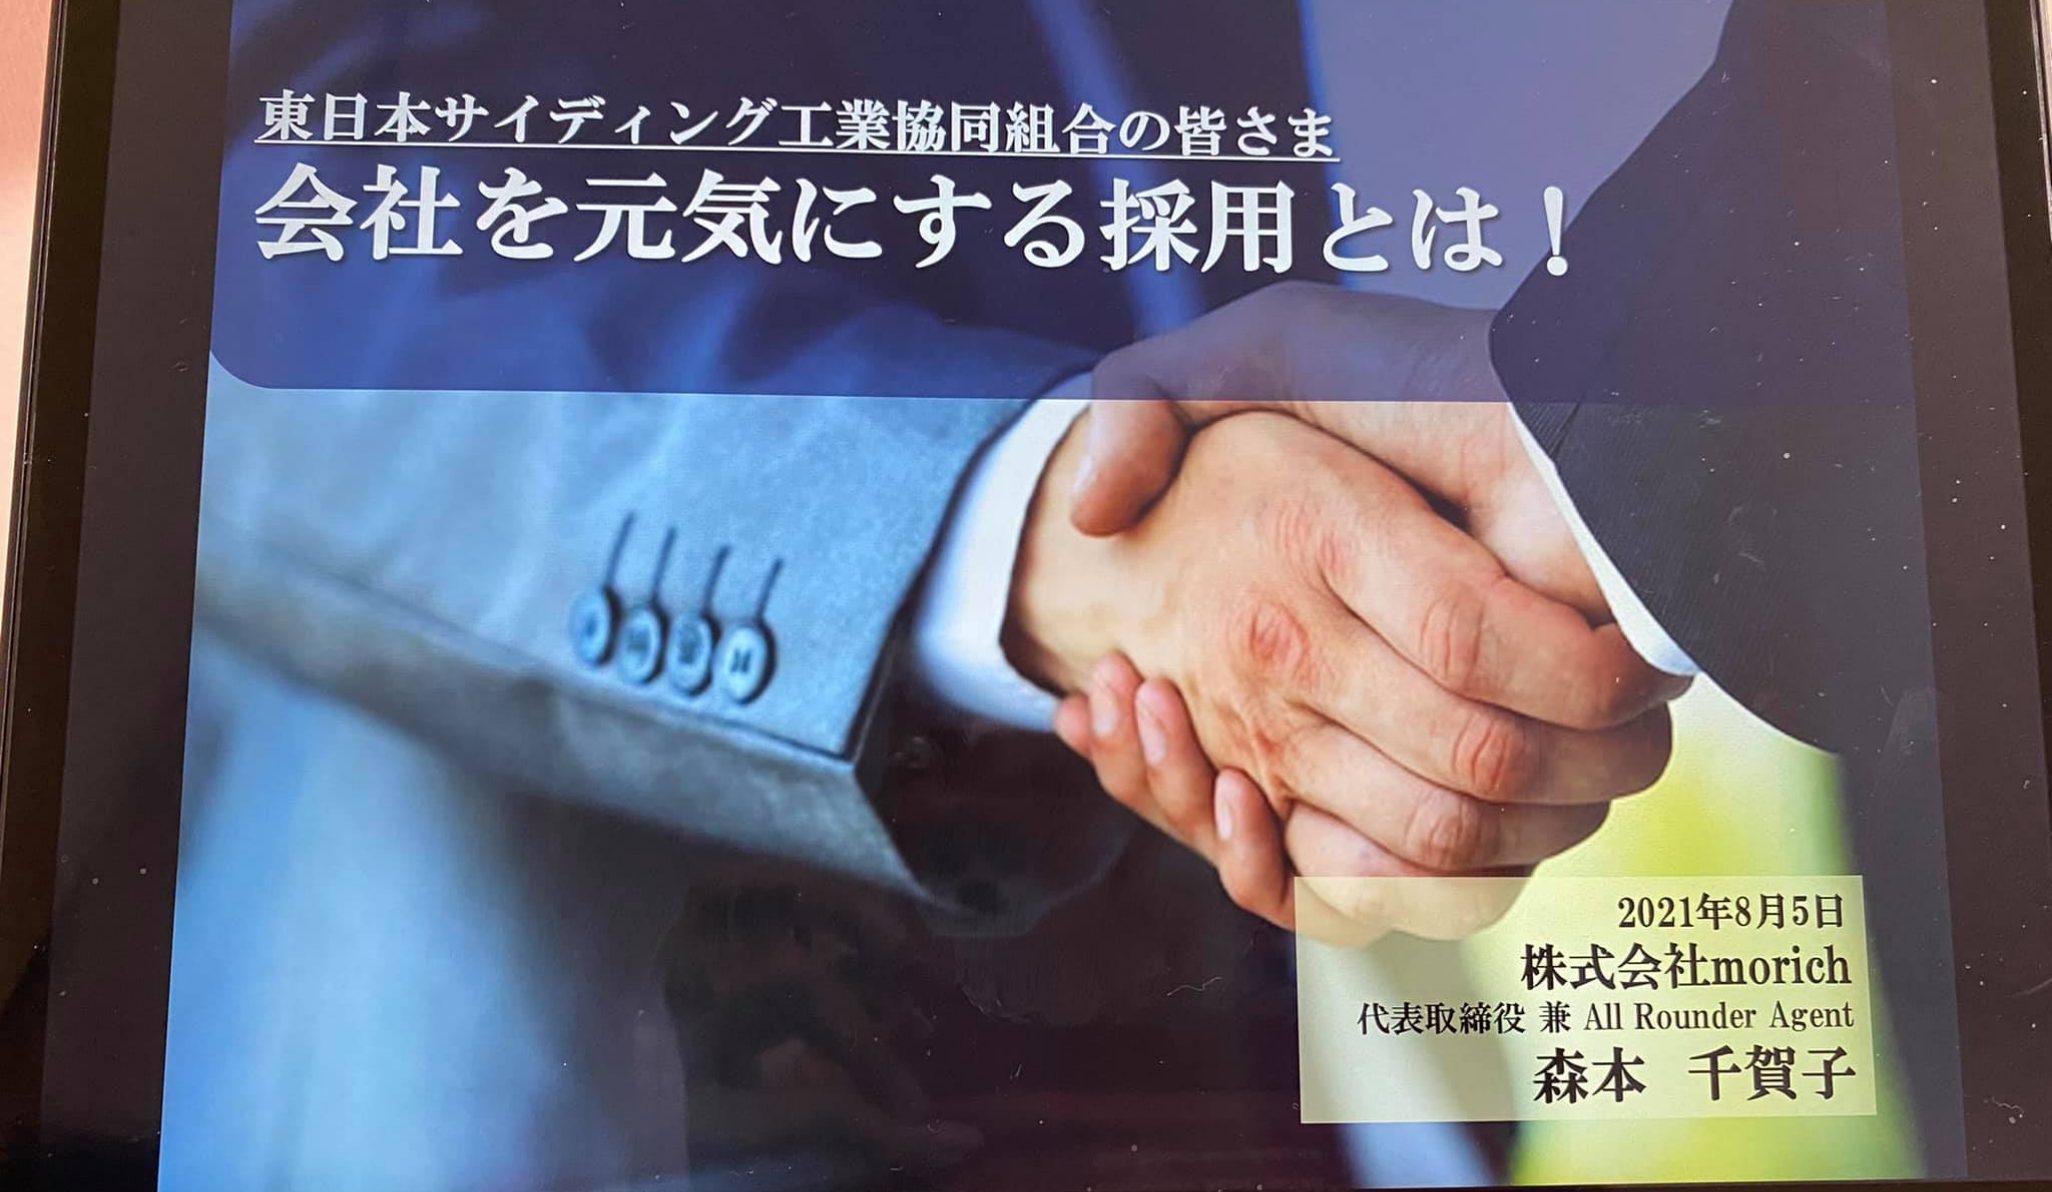 【会社を元気にする採用とは!/東日本サイディング事業協同組合】2021/8/5